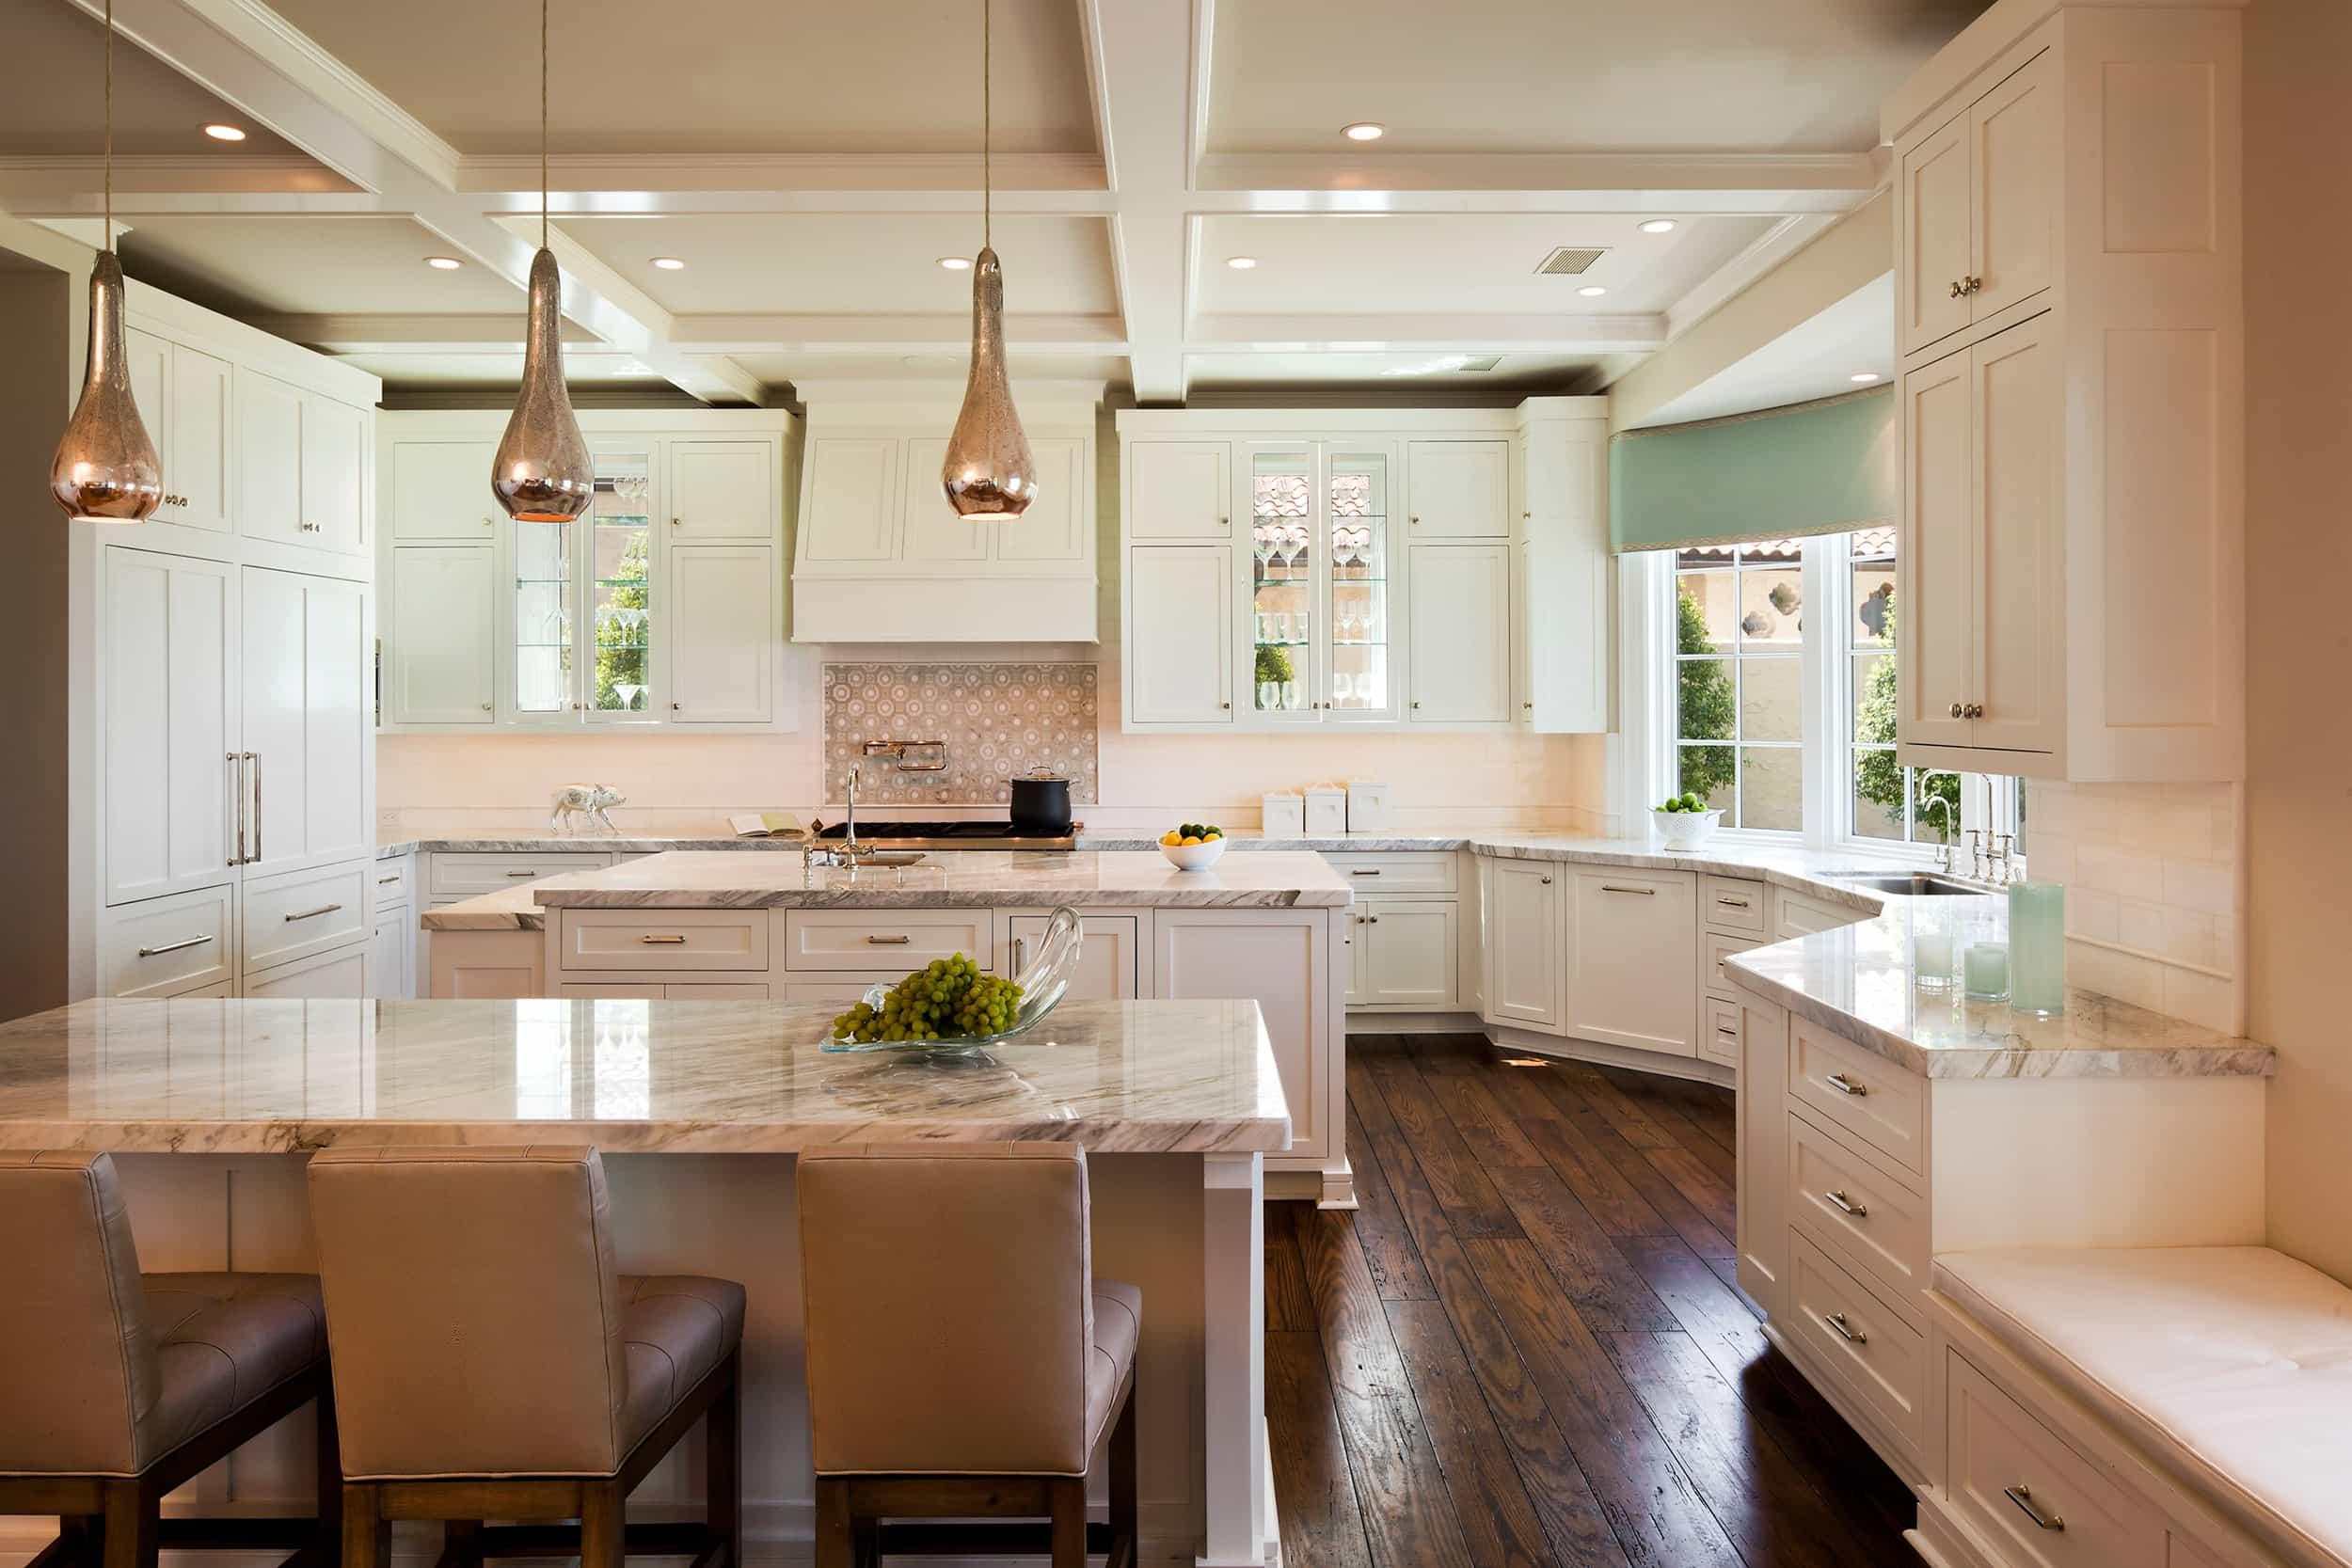 Studio m interior design xxiv - Interior designers jacksonville fl ...